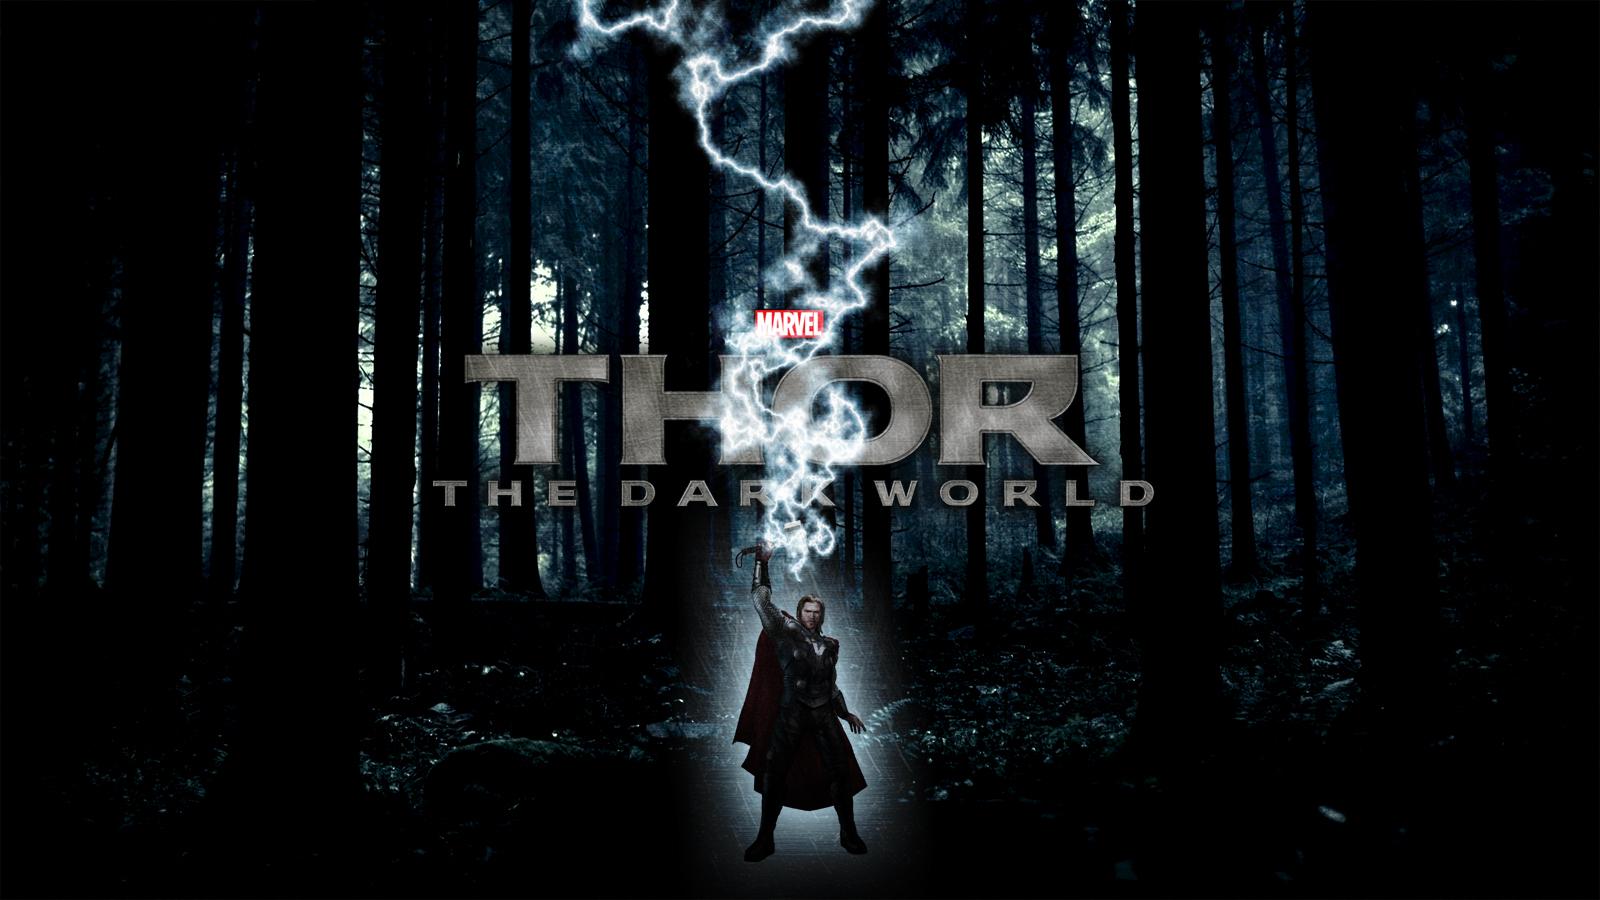 Thor The Dark World Wallpaper By Squiddytron On Deviantart